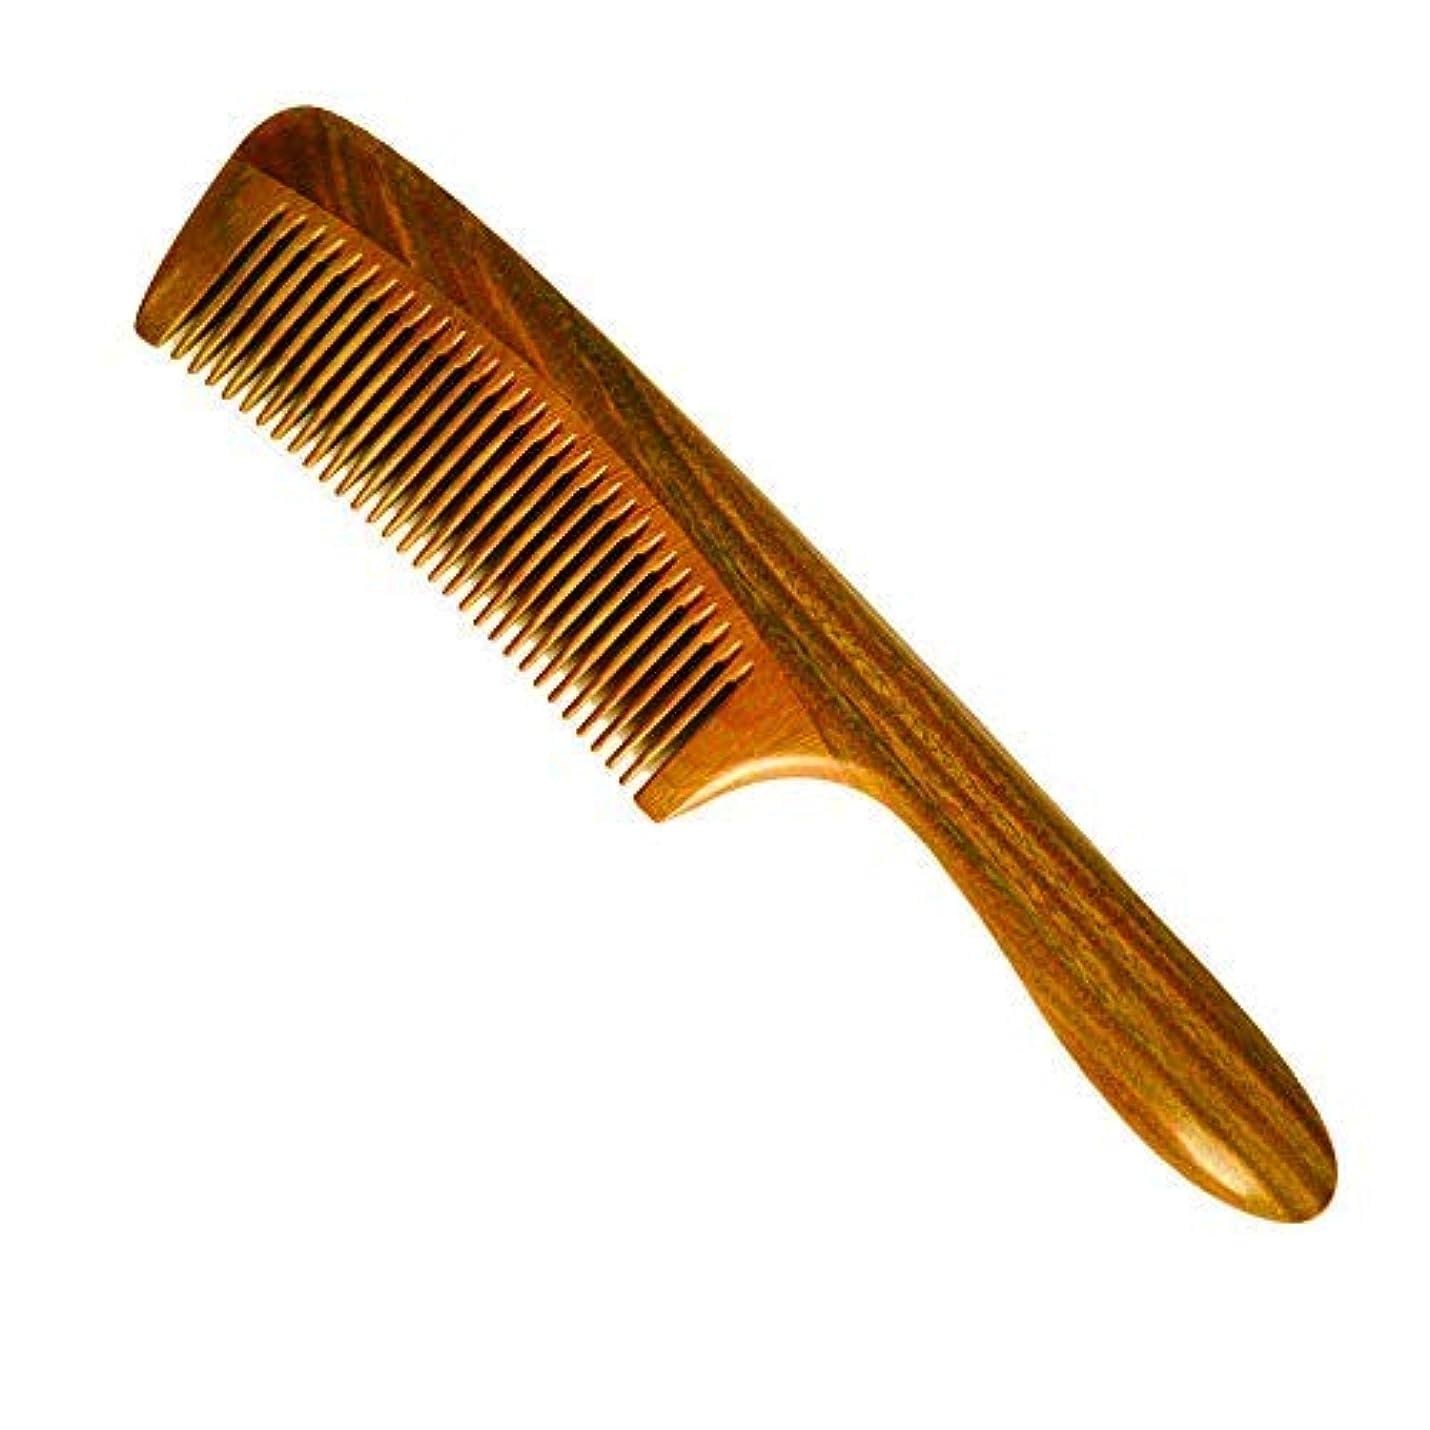 インターネット燃料促すHair Comb, Wooden Comb Tooth And Fine Tooth Wood Comb,Green Sandalwood, Women and Men Hair Combs (MR04) [並行輸入品]